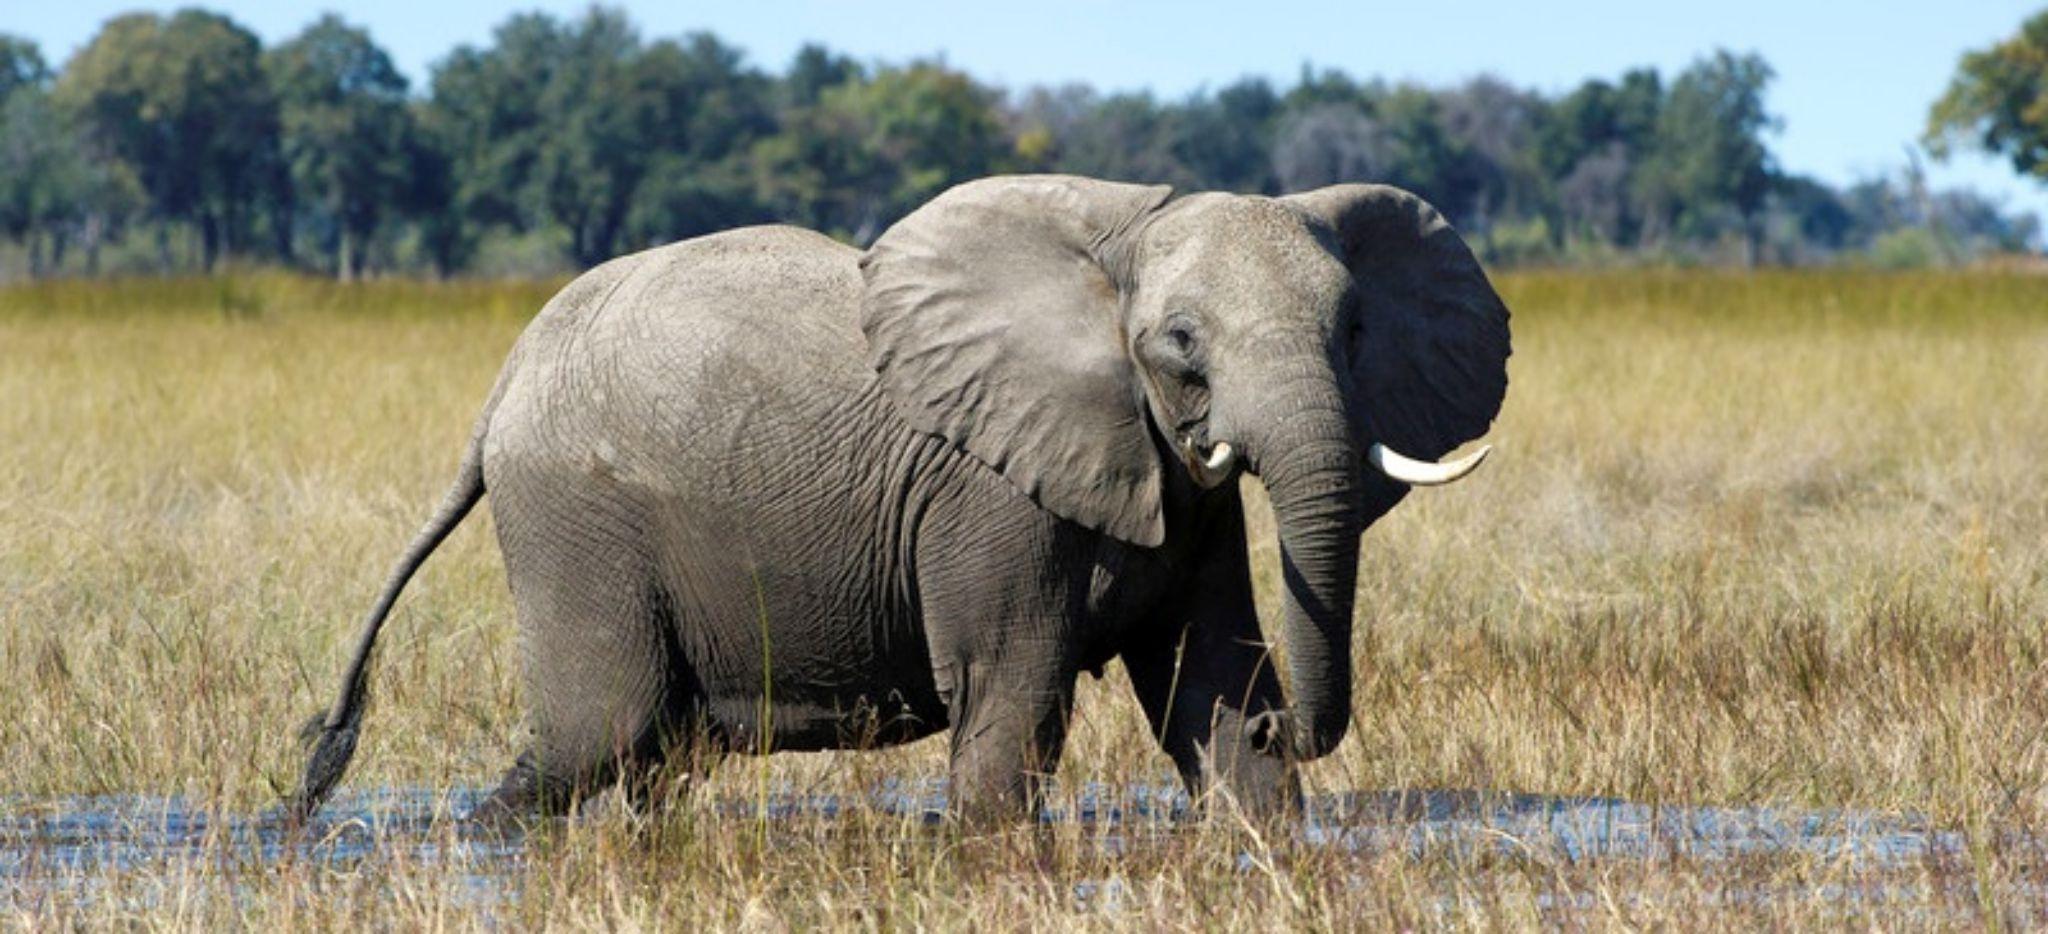 Elefant watet durchs Wasser in Botswana